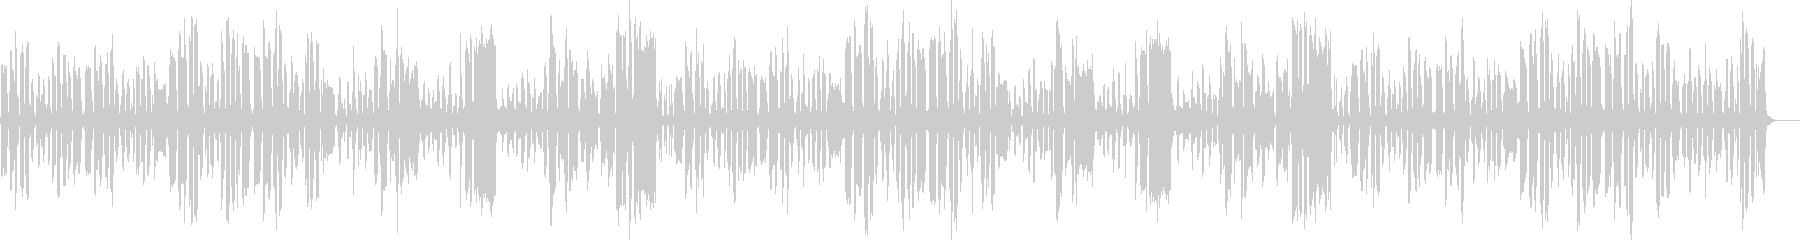 リコーダーの日常のんびり曲_ロングの未再生の波形